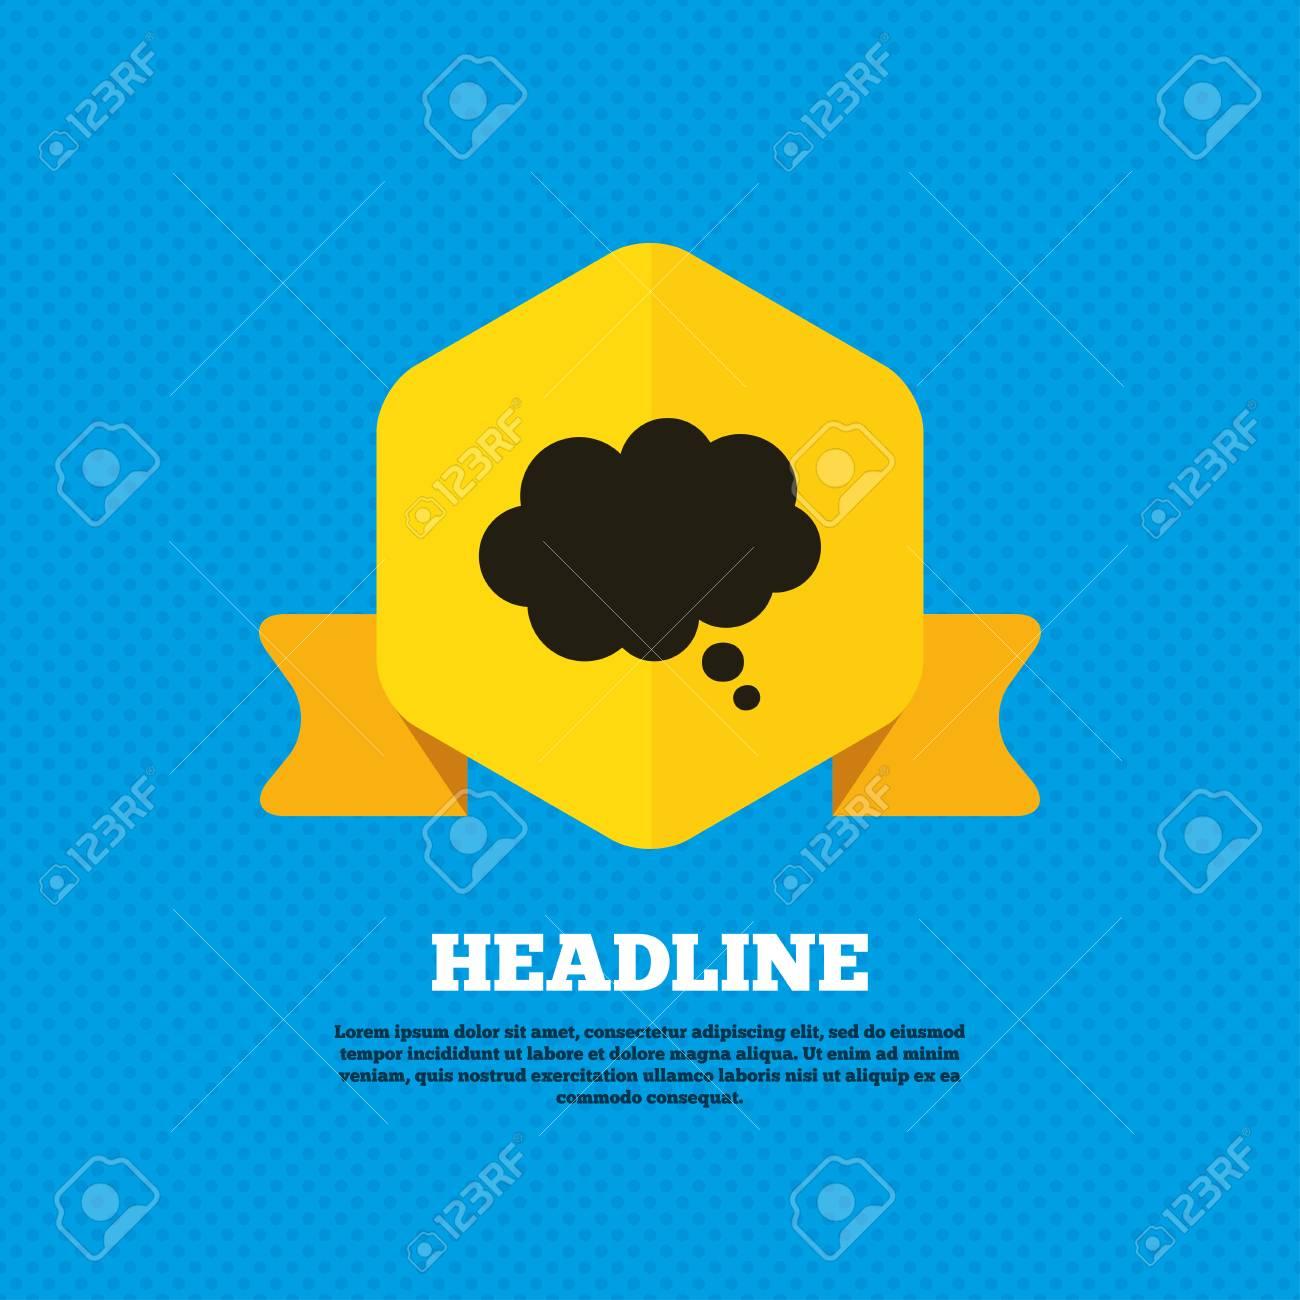 comic rede blase zeichen symbol chat denke symbol gelbes etikett tag kreise nahtlose - Hochzeitsrede Muster